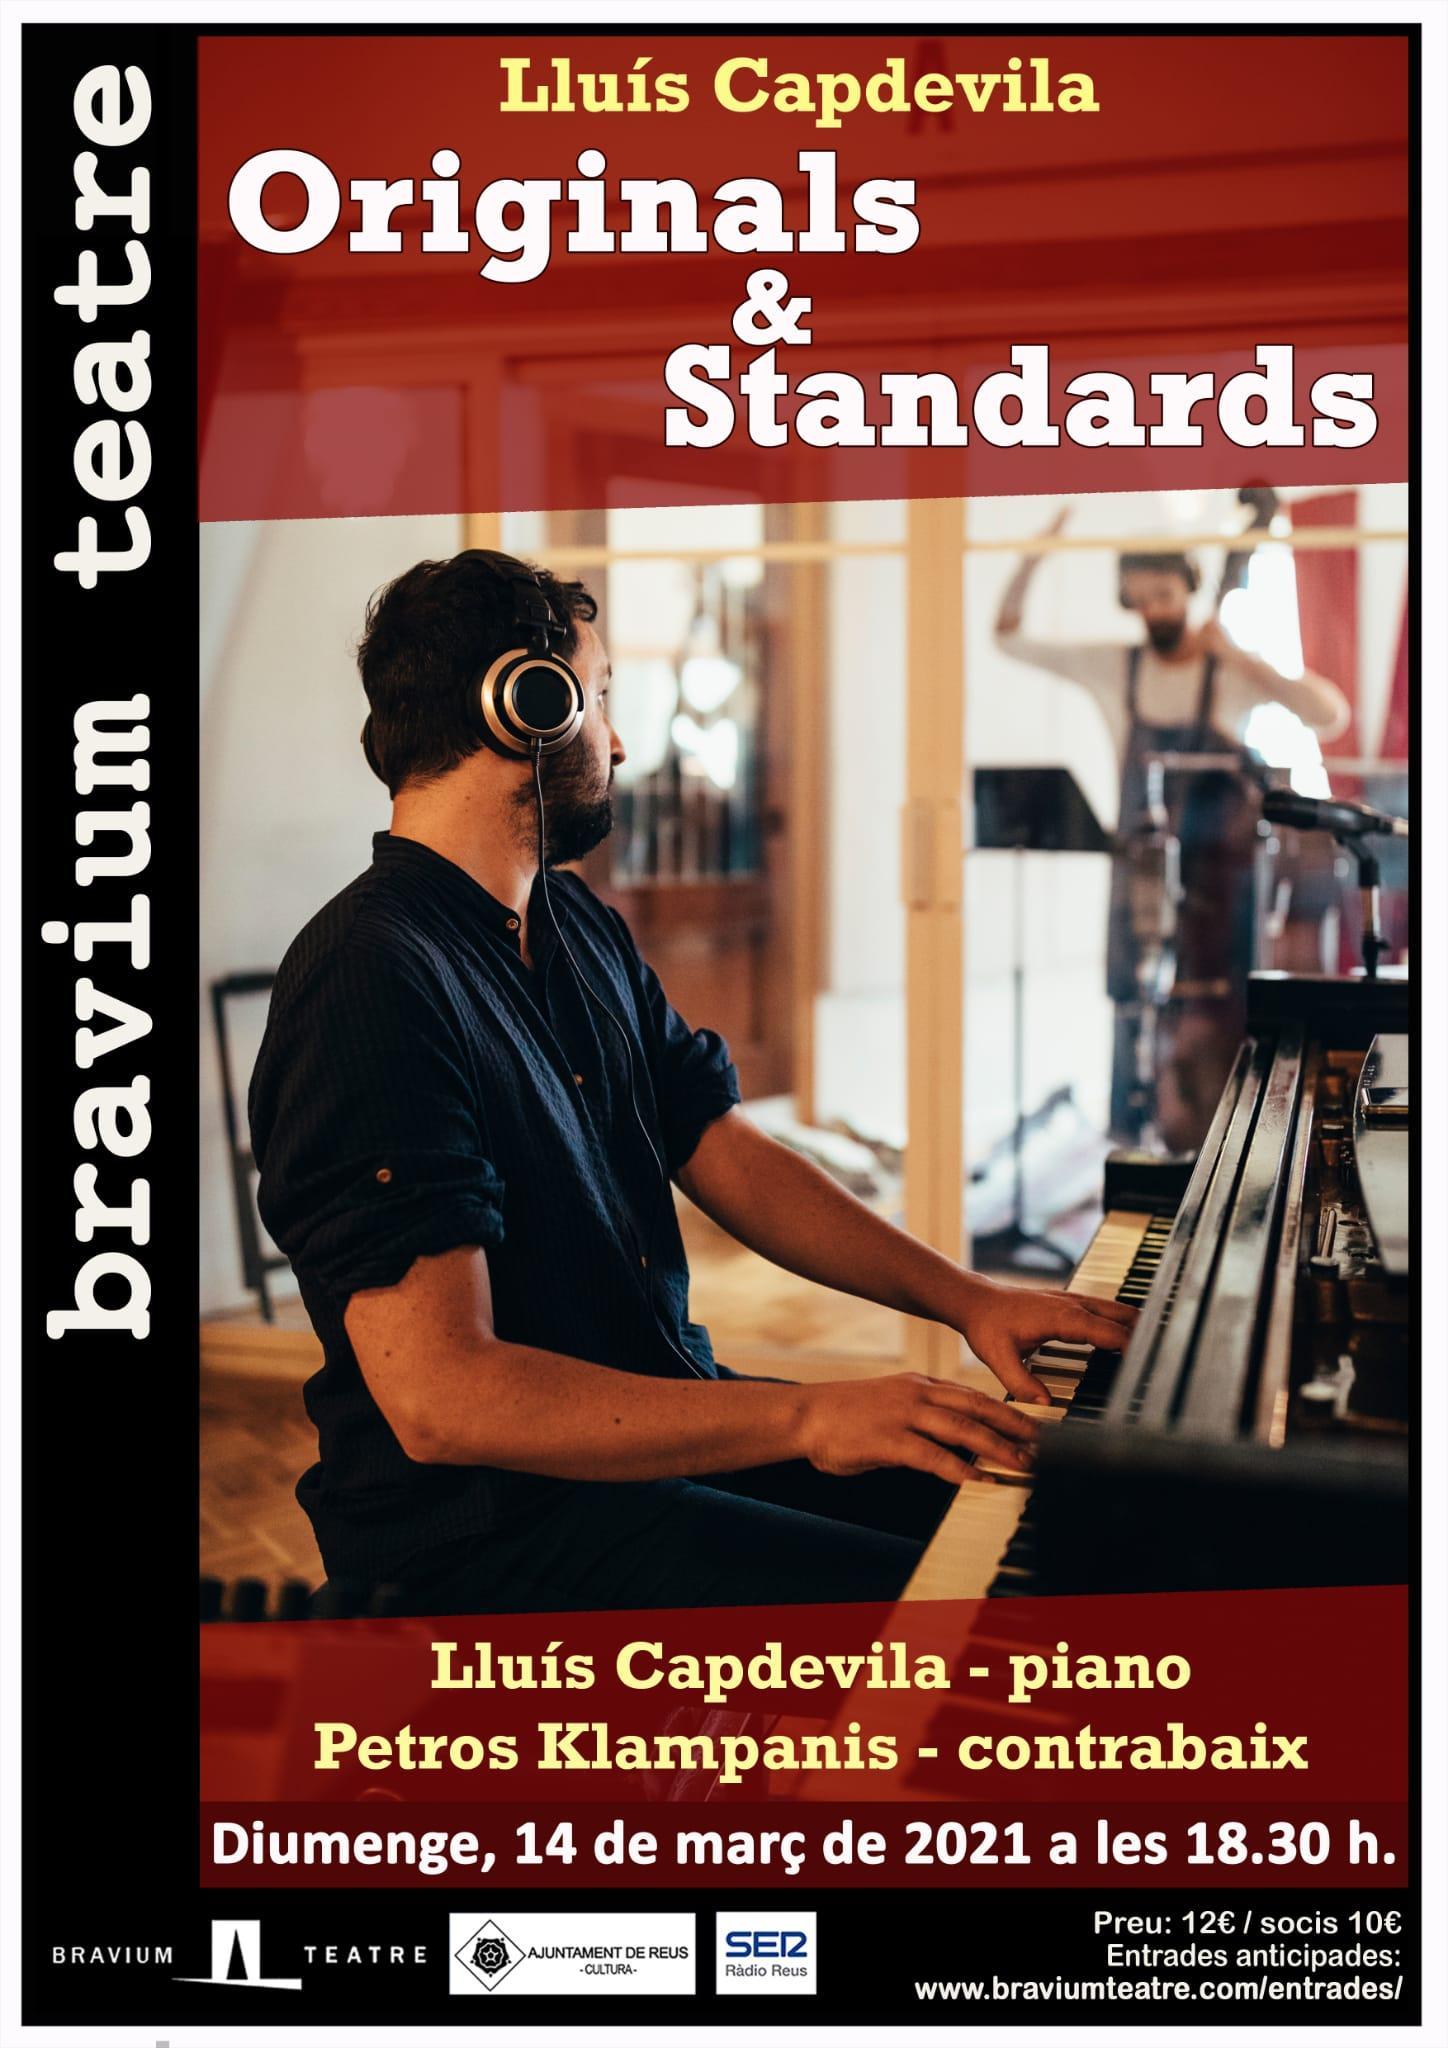 LLUÍS CAPDEVILA ORIGINALS&STANDARDS